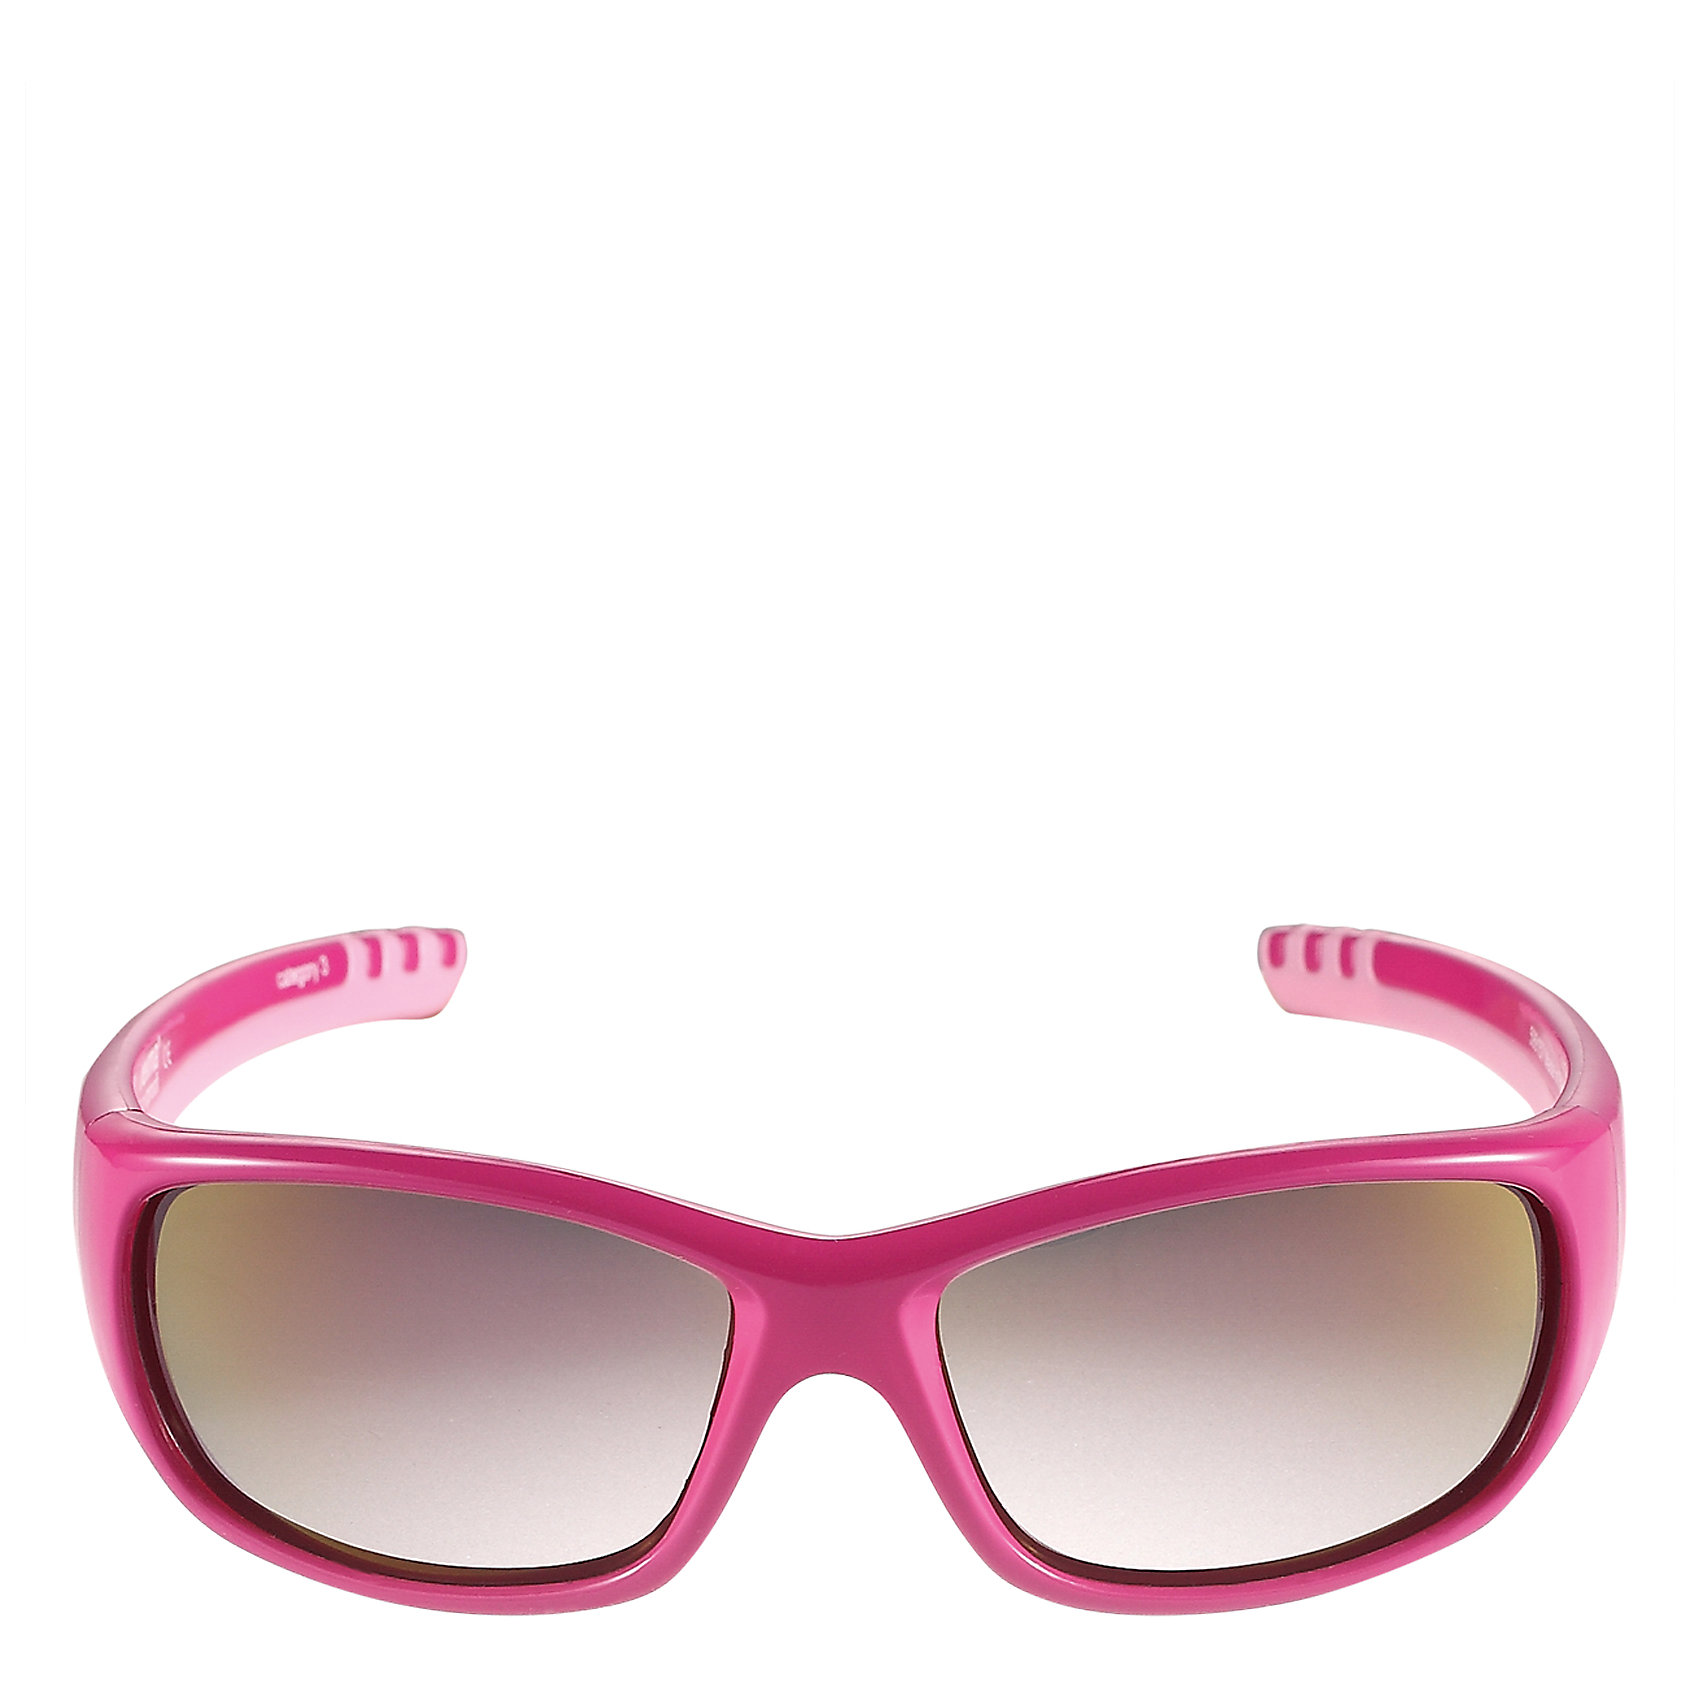 Солнцезащитные очки Sereno для девочки ReimaОдежда<br>Характеристики товара:<br><br>• цвет: фуксия<br>• состав: оправа - TPEE/TPR/TR90/Резина, линзы - PC<br>• рекомендовано для детей 4-6 лет<br>• 3 степень УФА + УФВ защиты<br>• поляризованные зеркальные линзы<br>• обработка противотуманным покрытием<br>• мягкая и эластичная оправа <br>• защитный чехол в комплекте<br>• европейский сертификат соответствия<br>• защита от ультрафиолетовых лучей спектра A и спектра B класса 5<br>• страна производства: Китай<br>• страна бренда: Финляндия<br>• коллекция: весна-лето 2017<br><br>Специальные очки помогут уберечь глаза детей от повреждения прямыми солнечными лучами. Эта модель разрабатывалась для малышей - у неё мягкая оправа с очень комфортной посадкой, зеркальные линзы со специальной обработкой, есть защитный чехол. Очки не только хорошо проработаны, они стильно смотрятся!<br><br>Обувь и одежда от финского бренда Reima пользуются популярностью во многих странах. Они стильные, качественные и удобные. Для производства продукции используются только безопасные, проверенные материалы и фурнитура.<br><br>Солнцезащитные очки для девочки от финского бренда Reima (Рейма) можно купить в нашем интернет-магазине.<br><br>Ширина мм: 170<br>Глубина мм: 157<br>Высота мм: 67<br>Вес г: 117<br>Цвет: лиловый<br>Возраст от месяцев: 48<br>Возраст до месяцев: 72<br>Пол: Женский<br>Возраст: Детский<br>Размер: one size<br>SKU: 5266126